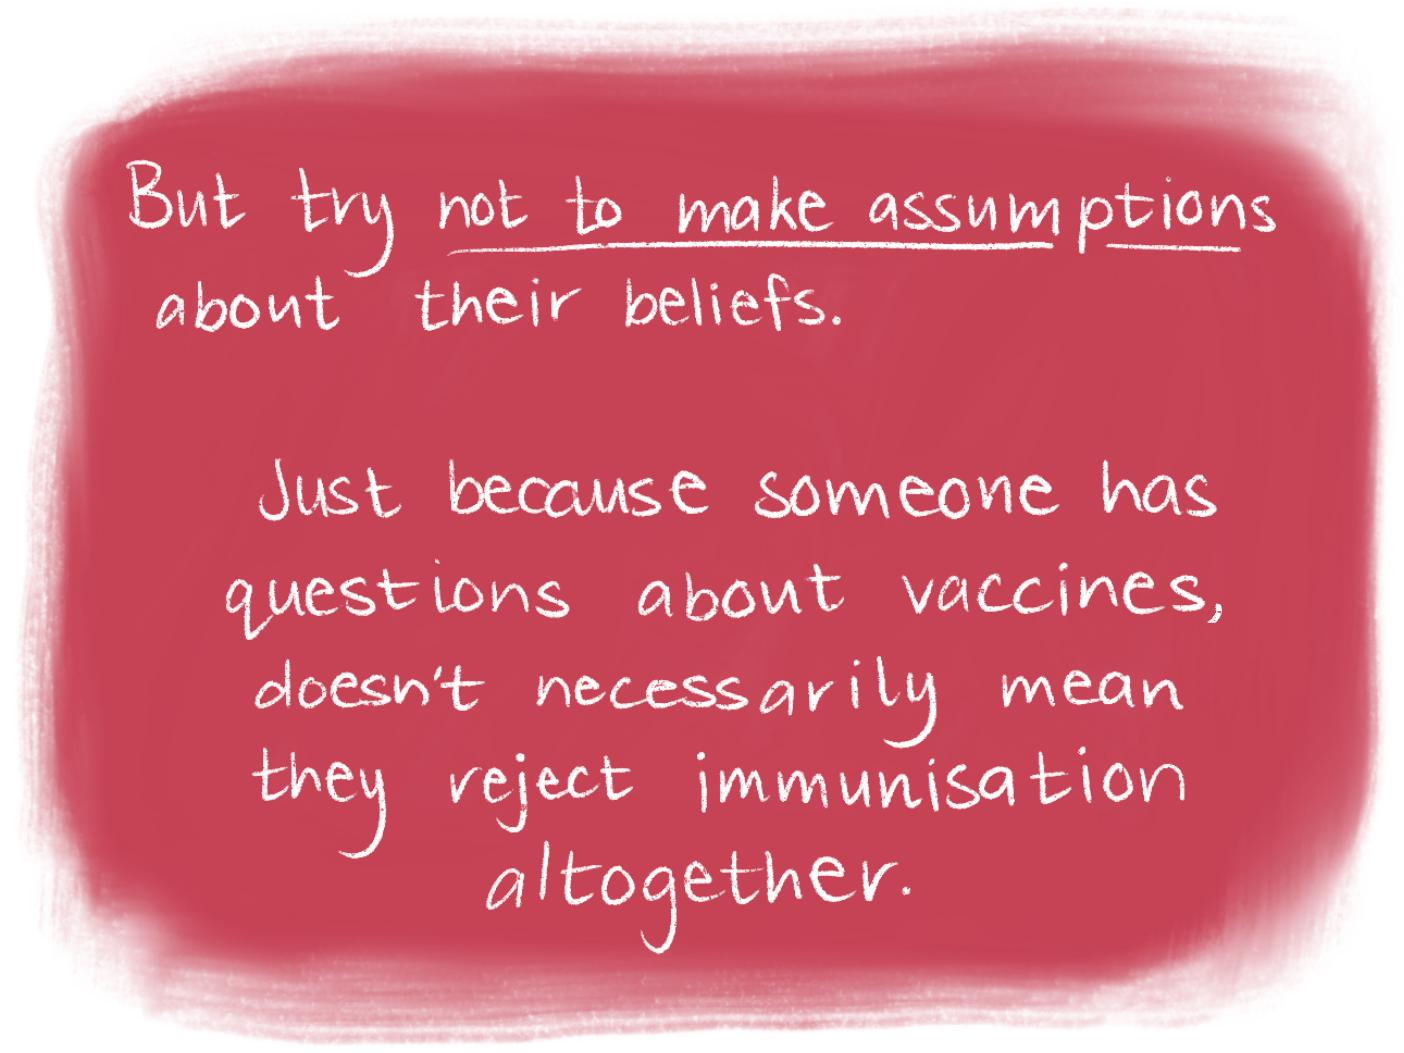 Vaccination comic scene 7 beliefs. Read the transcript below.